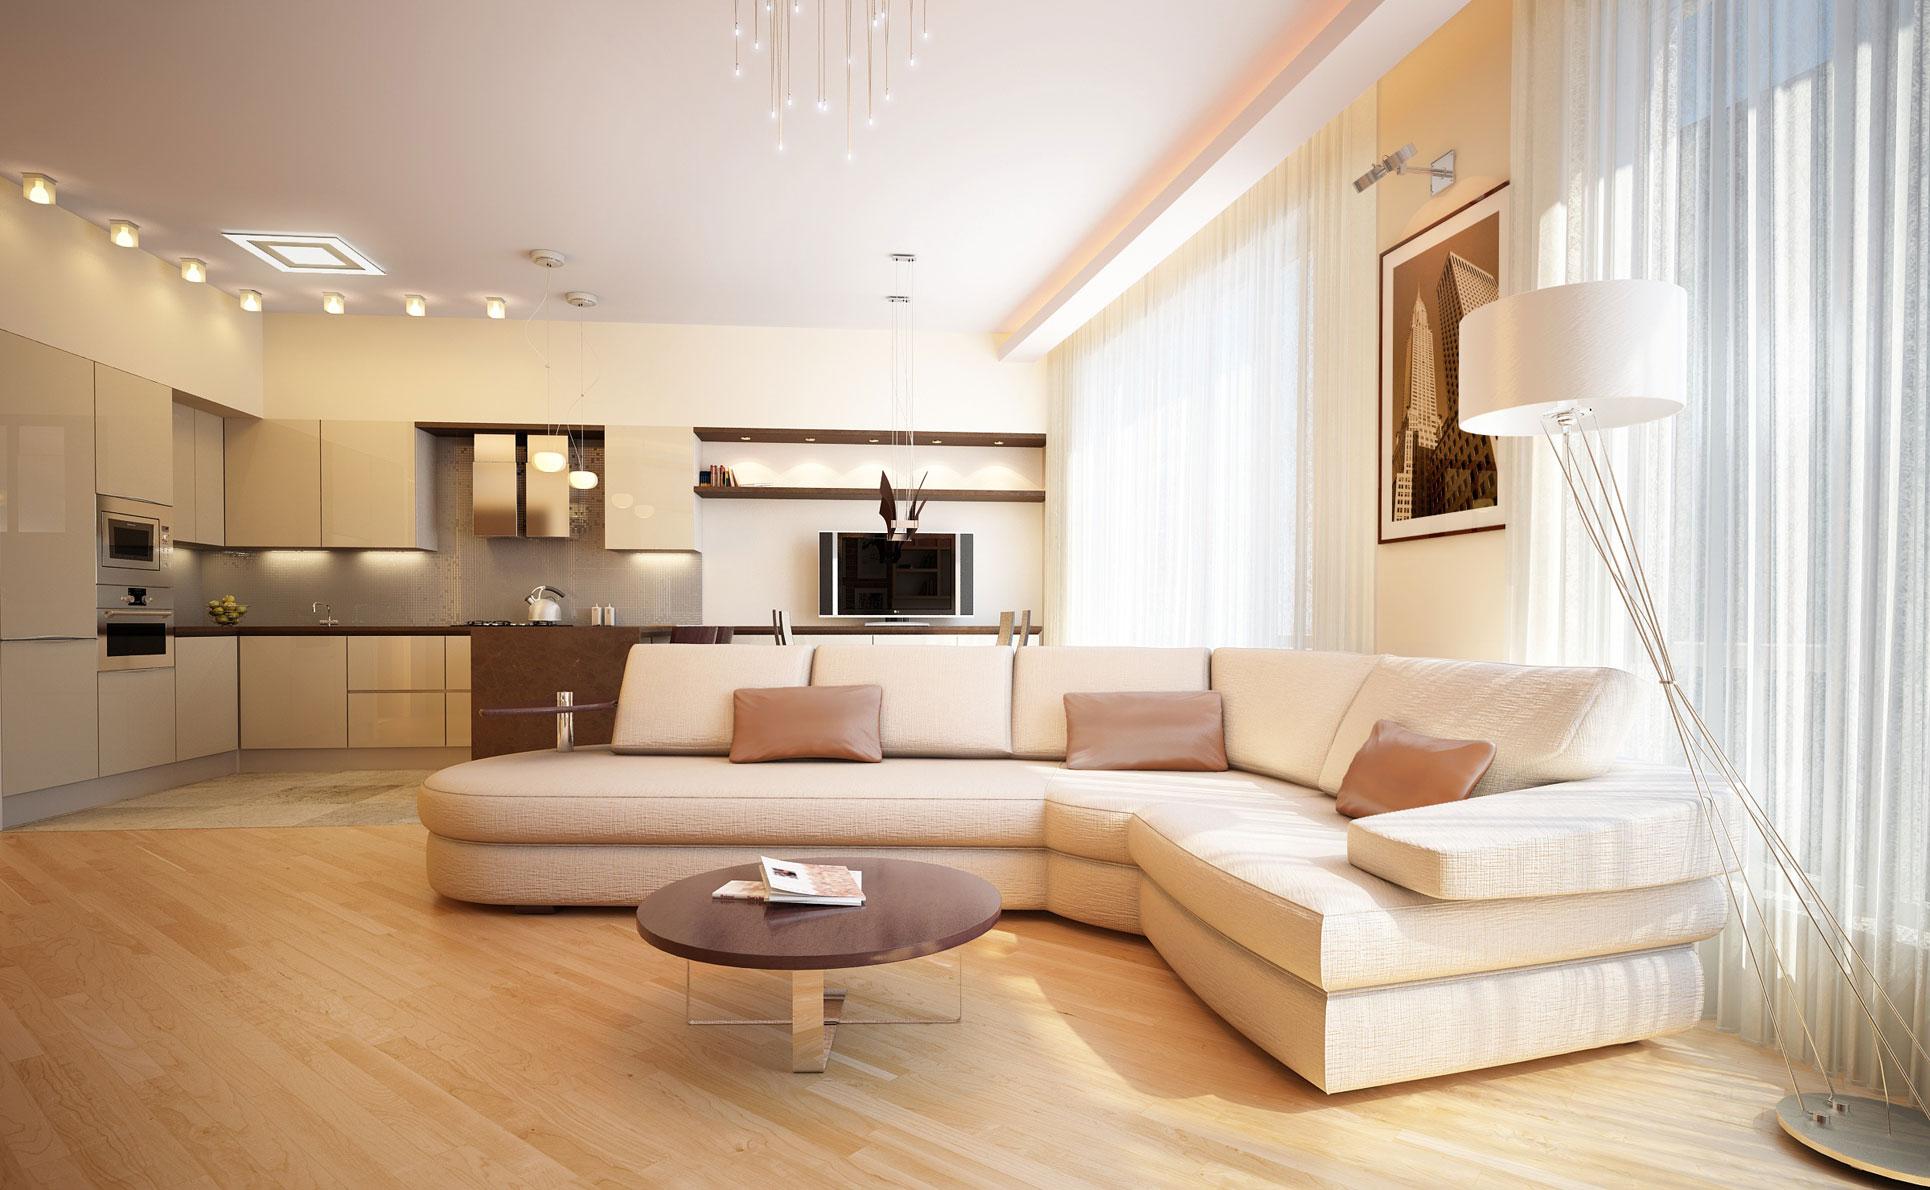 Цена 2х комнатной квартиры в майами американский сайт